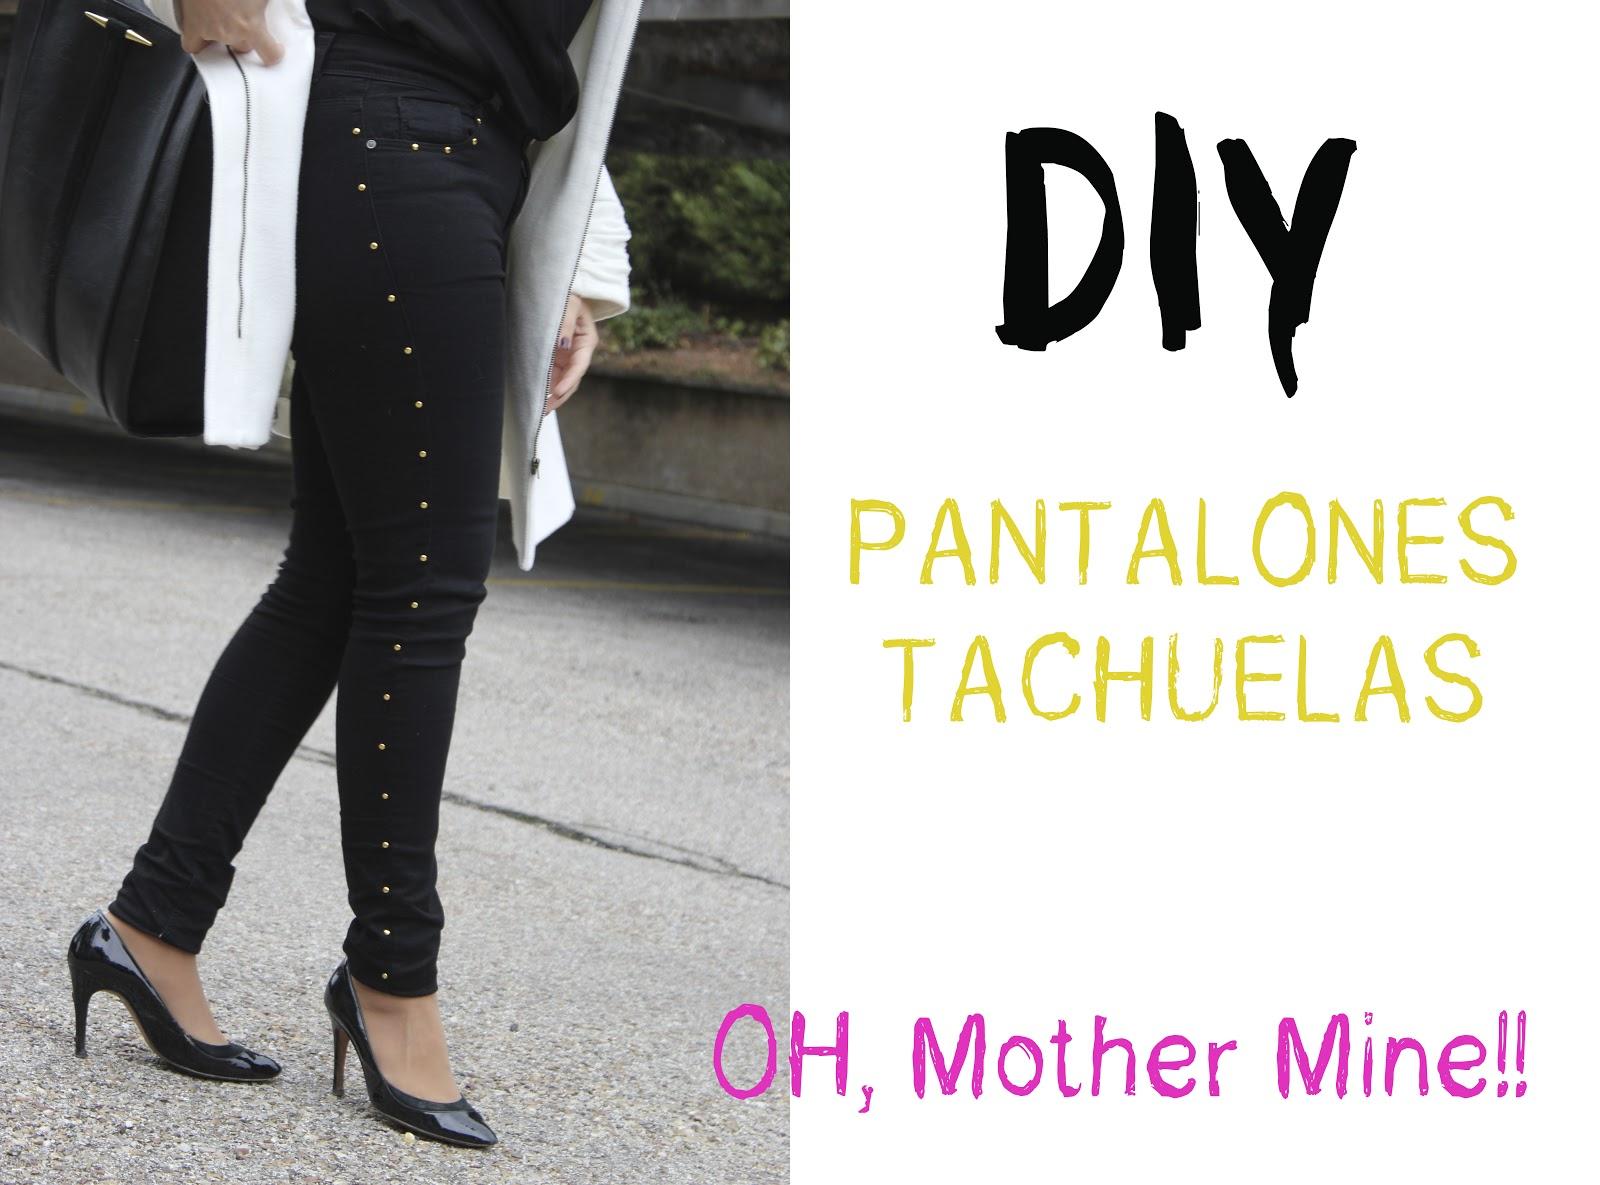 DIY Customizar unos pantalones con tachuelas | | Oh, Mother Mine DIY!!